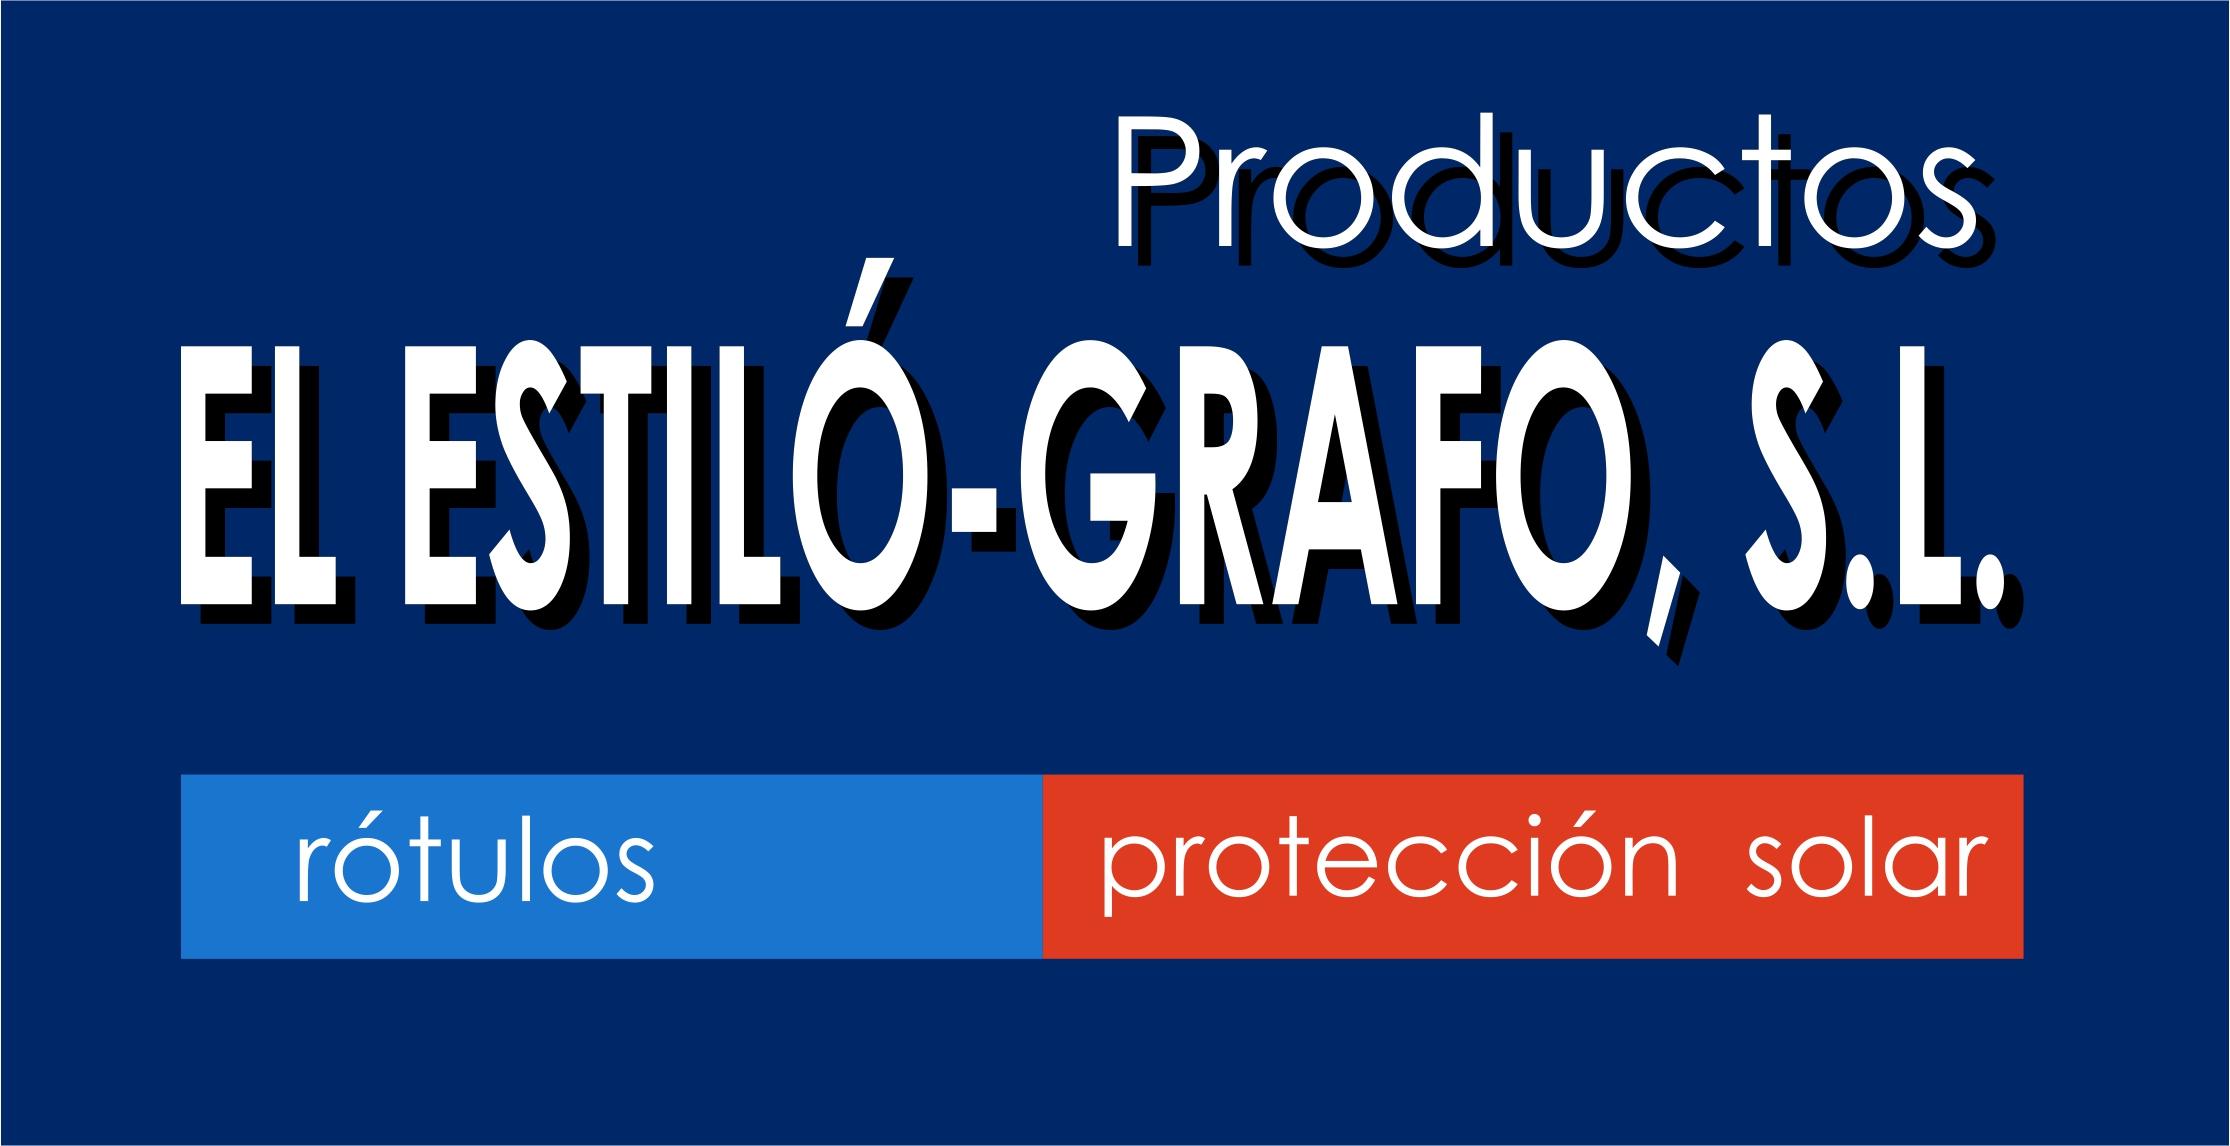 Productos EL ESTILÓ-GRAFO, S.L.